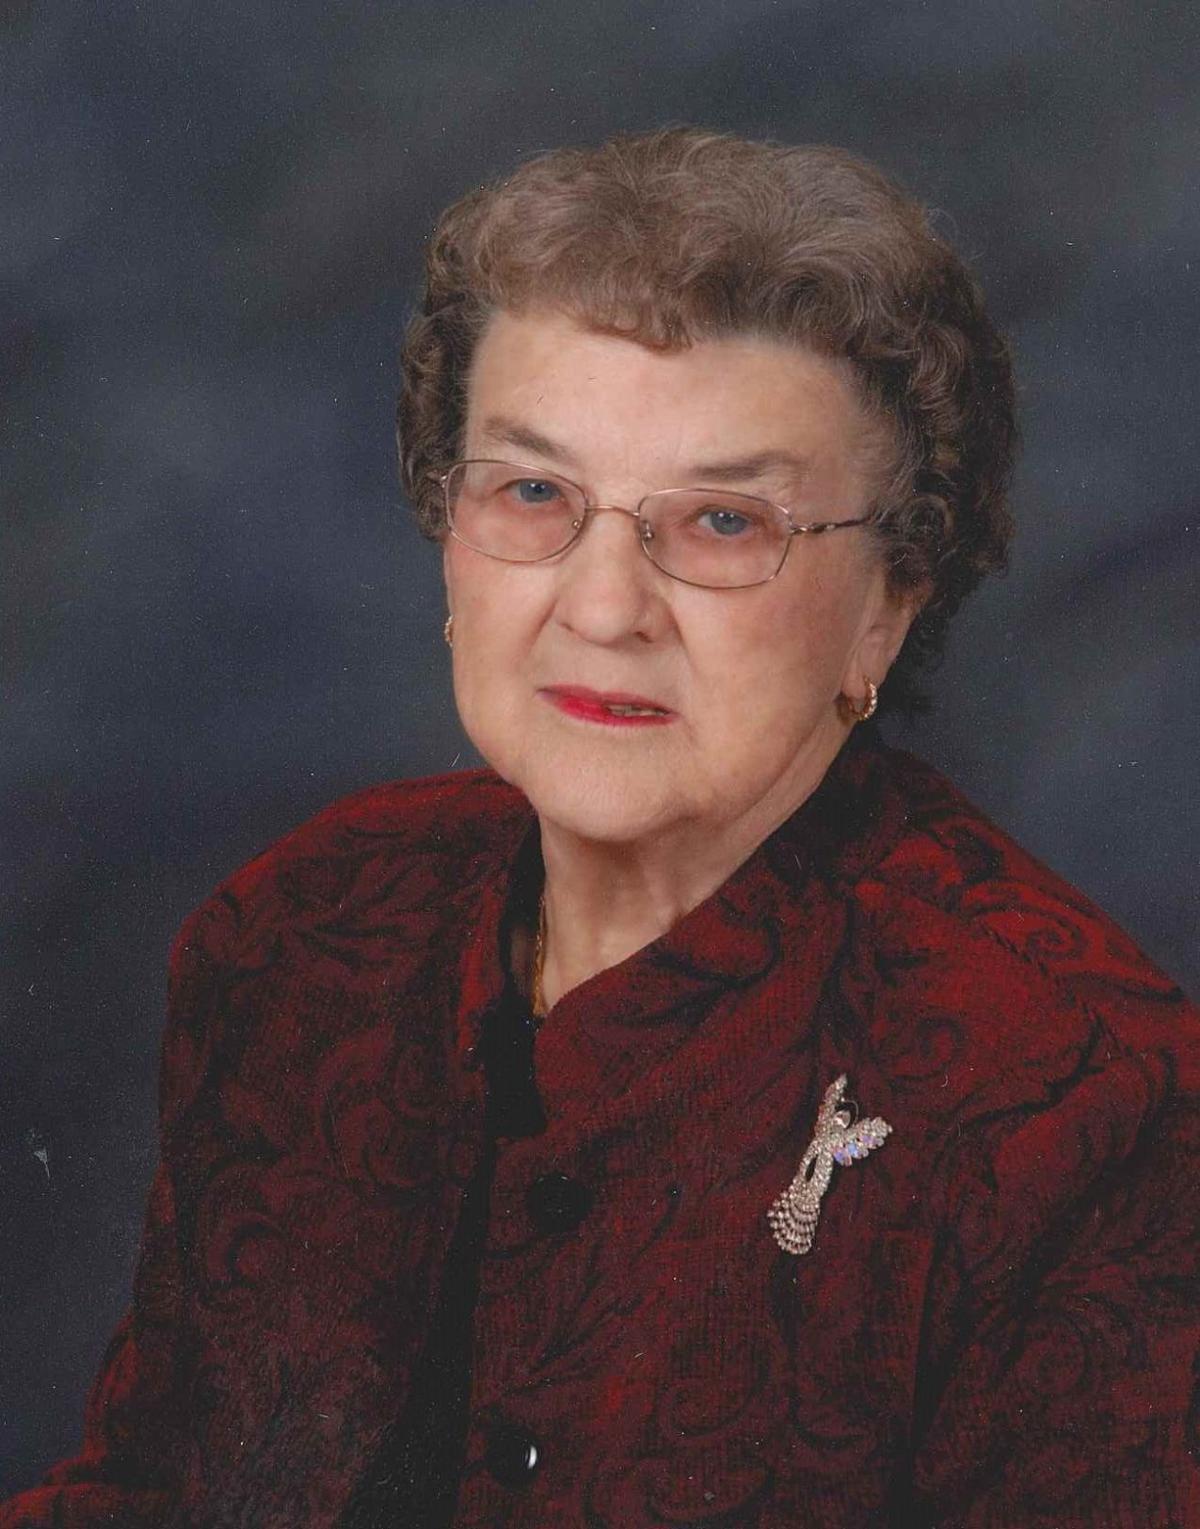 Marilyn J. Guntorad